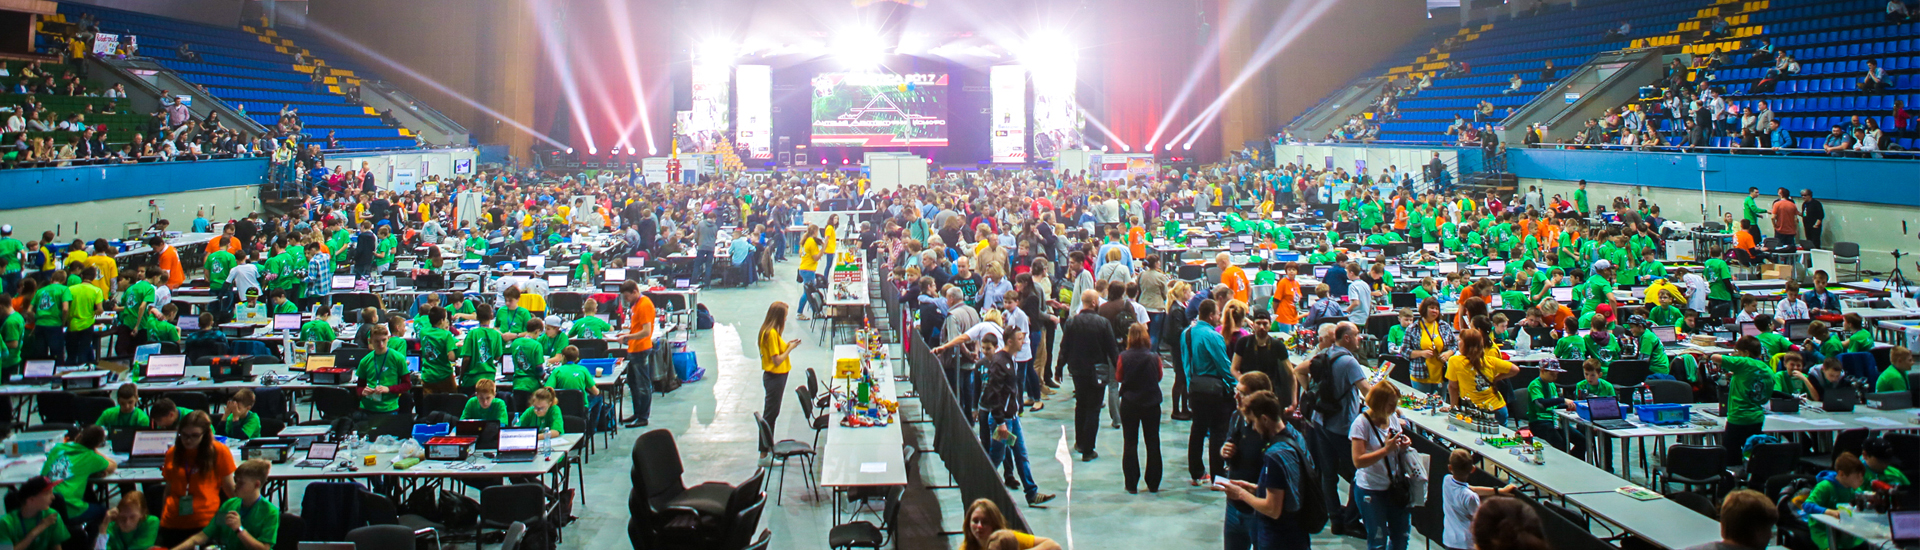 Robotica fest 2017